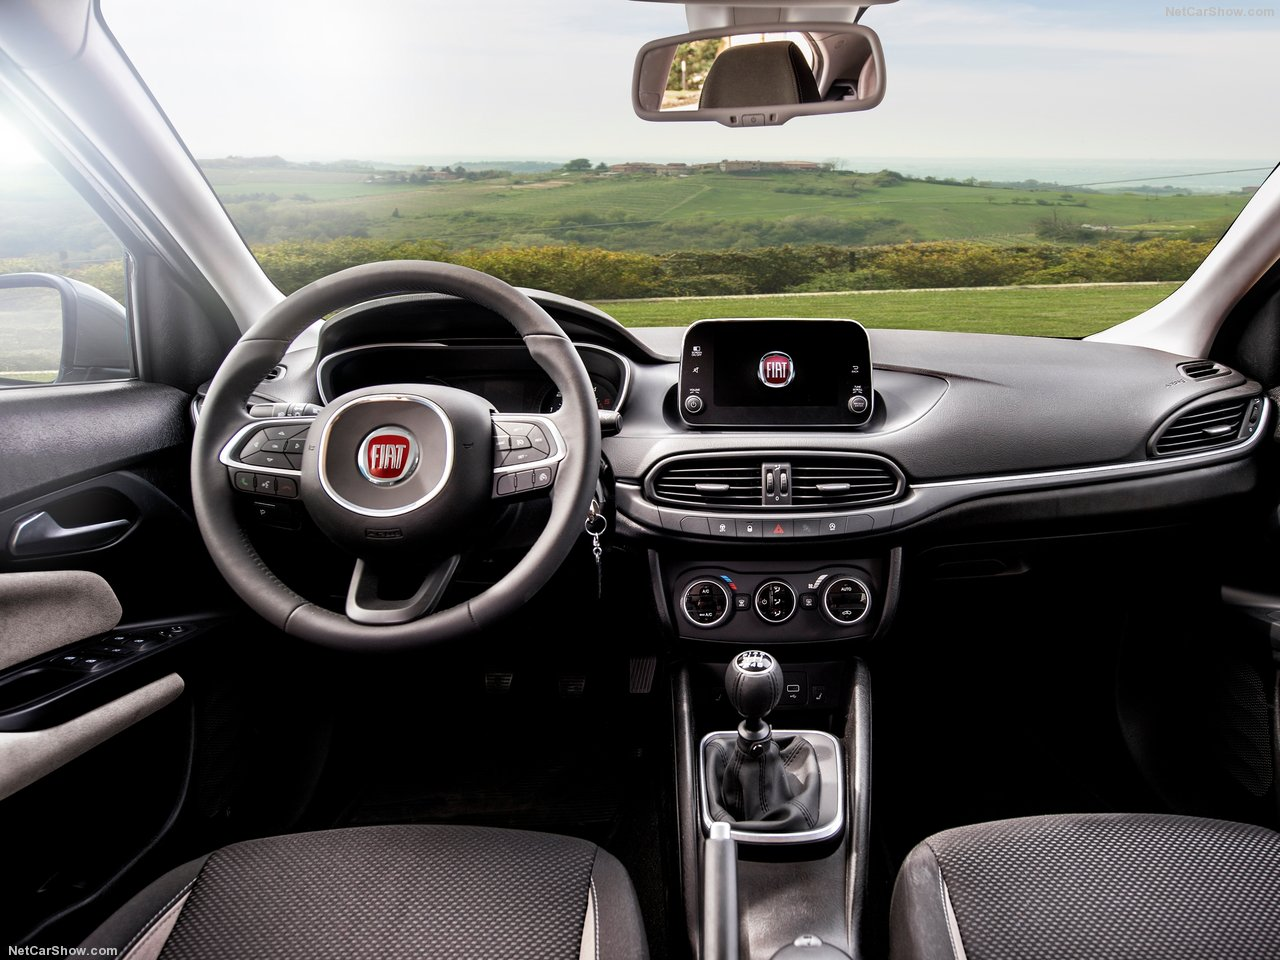 Fiat-Tipo_5-door-2017-1280-0e